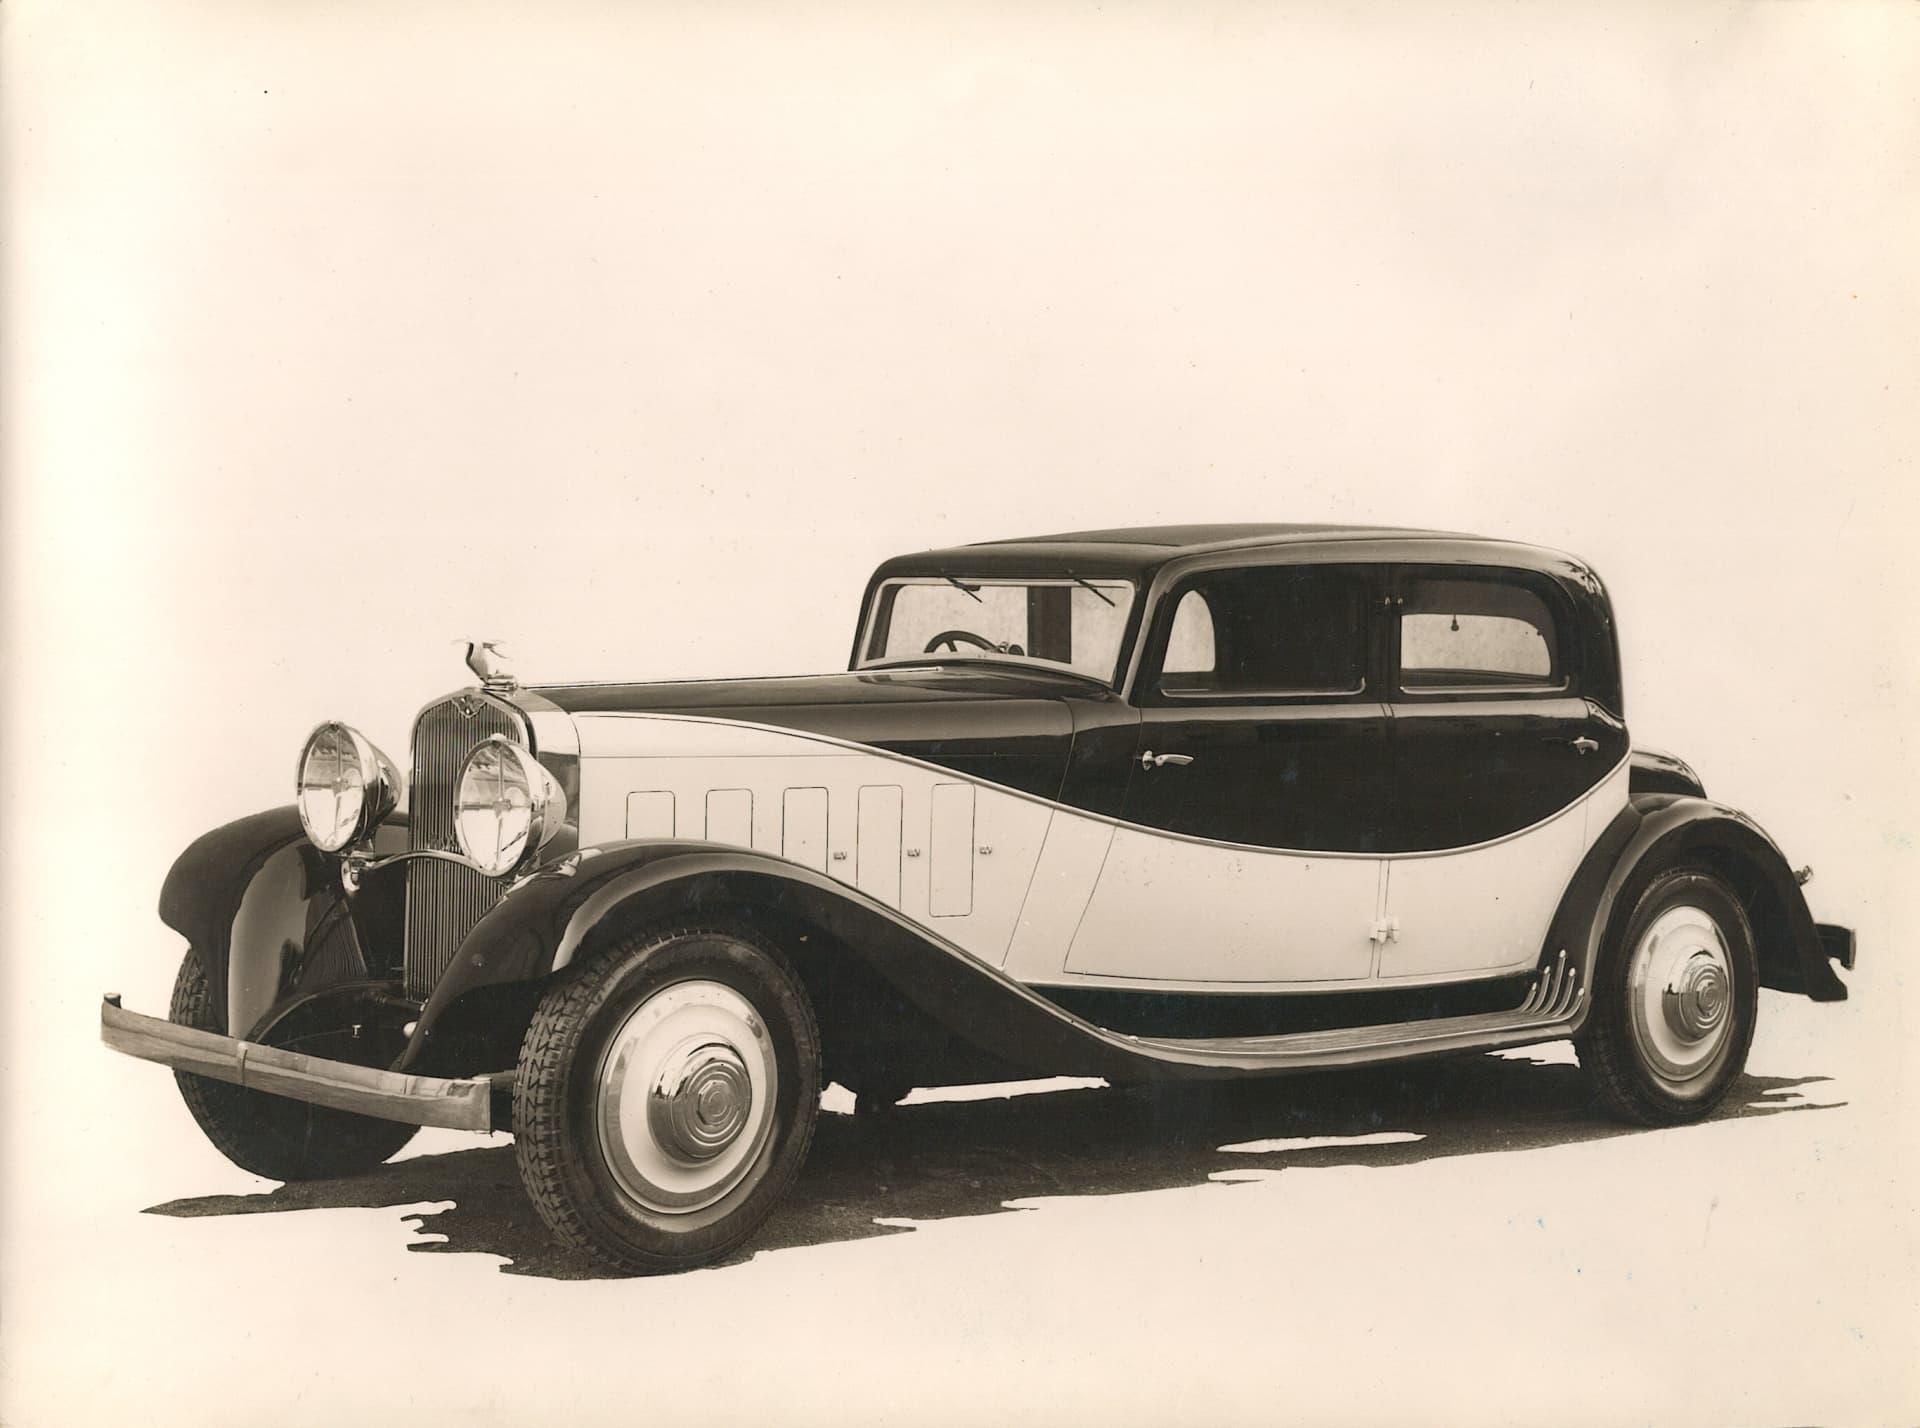 Hispano Suiza H6b